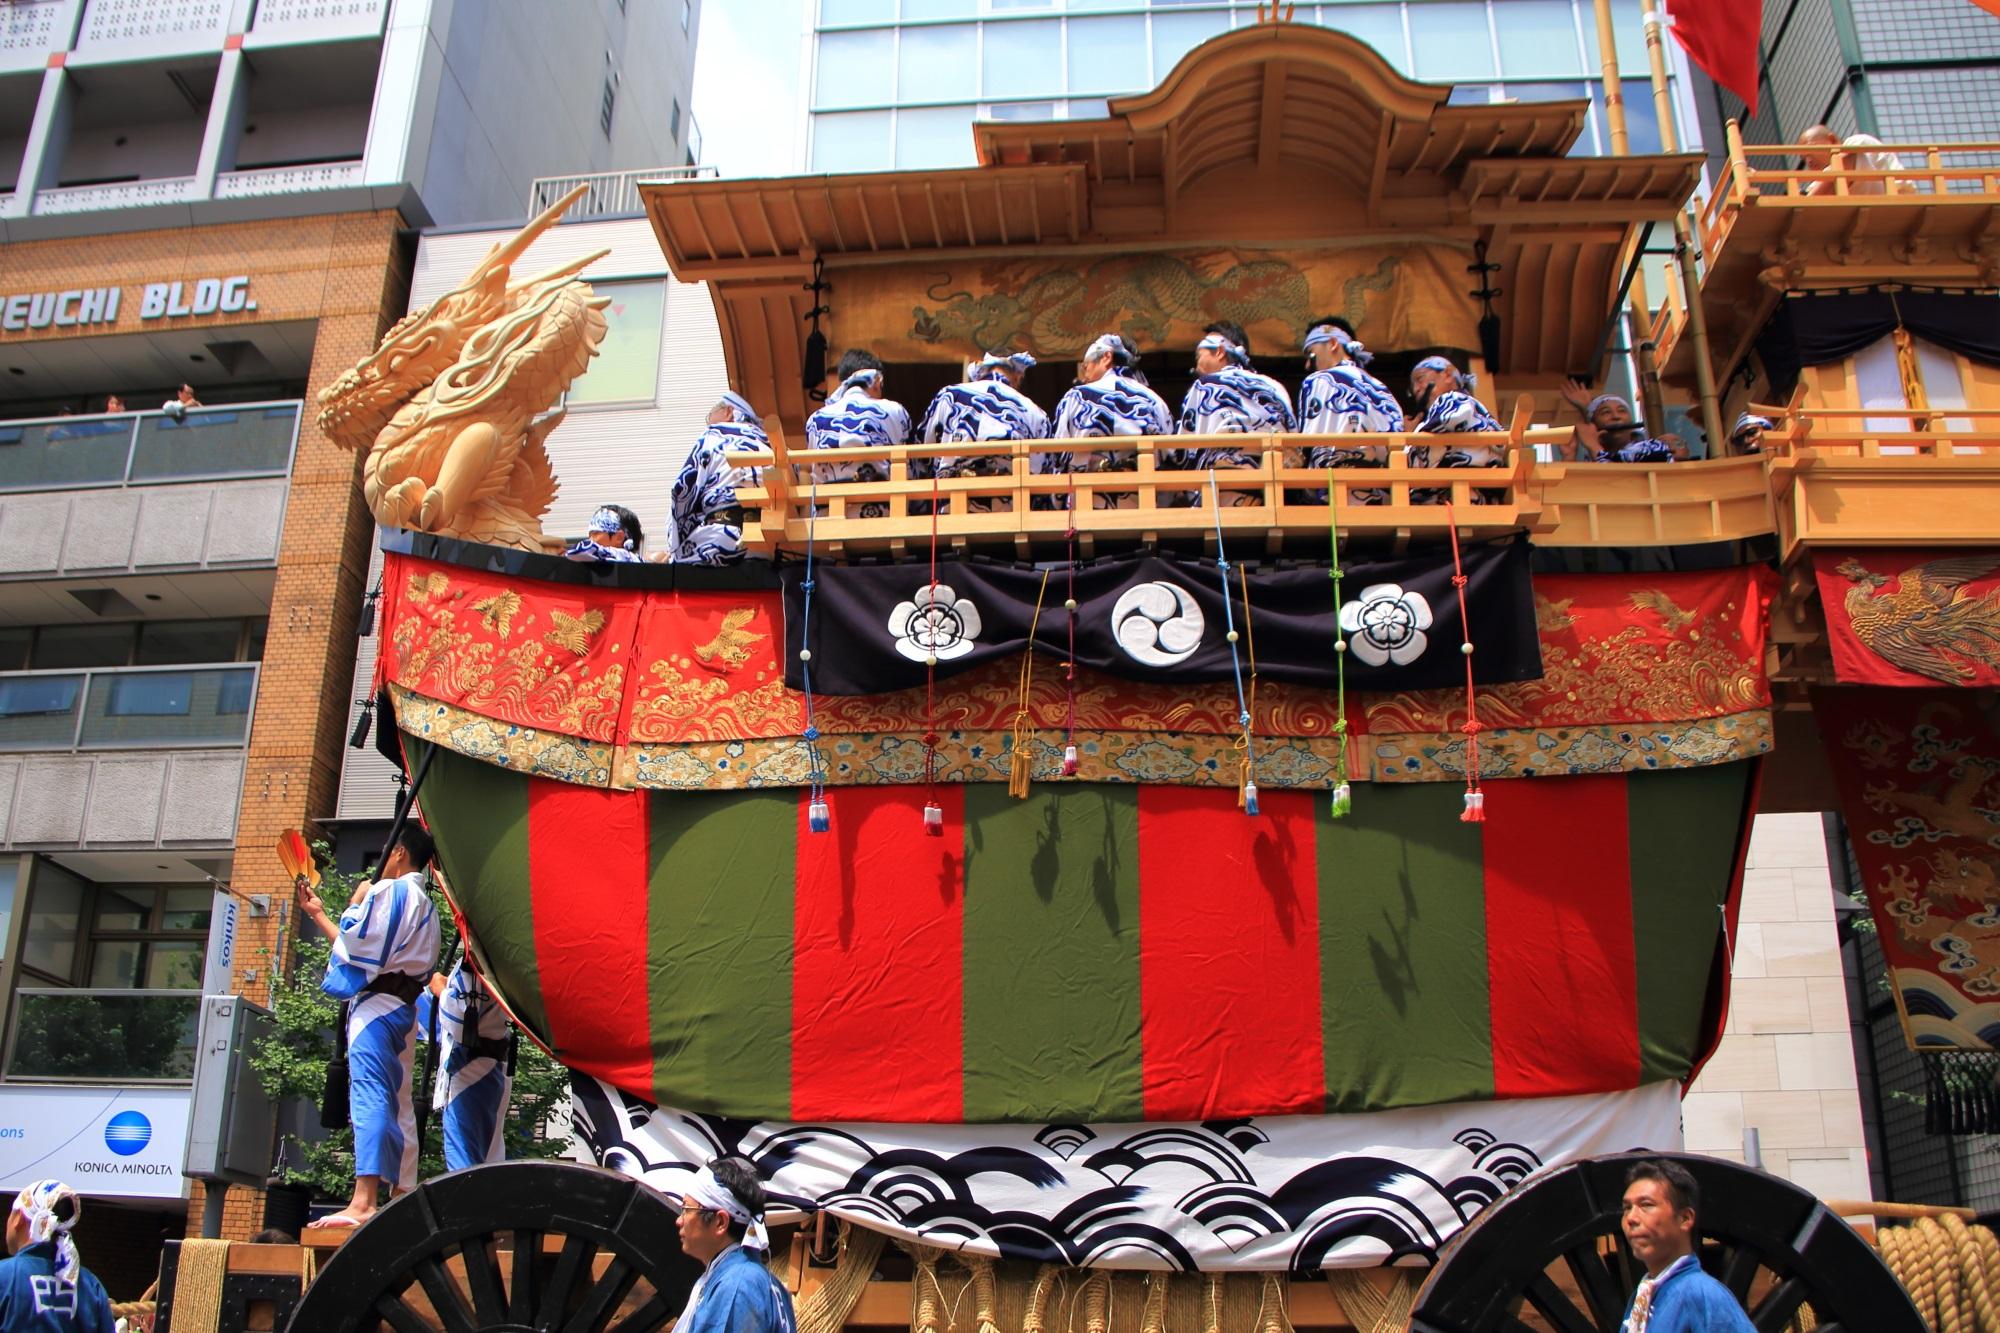 大船鉾 写真 高画質 祇園祭 山鉾巡行 後祭